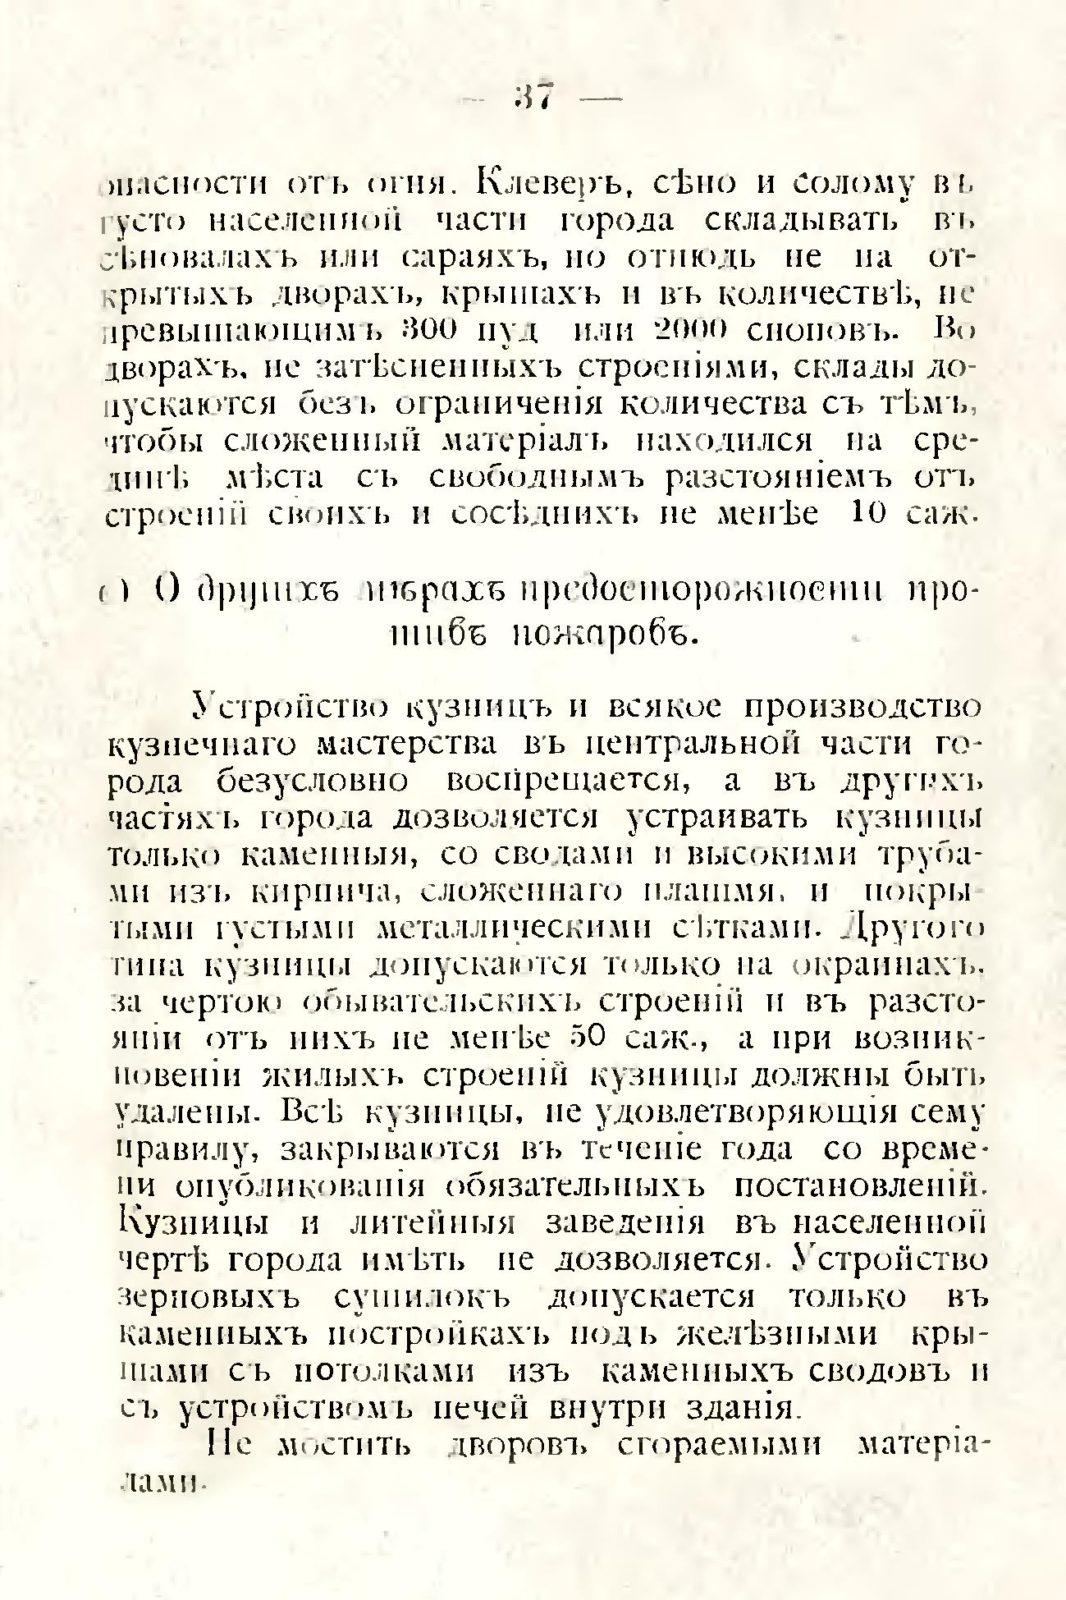 sbornik_obyazatelnyh_postanovlenii_tashkentskoi_gorodskoi_du_41